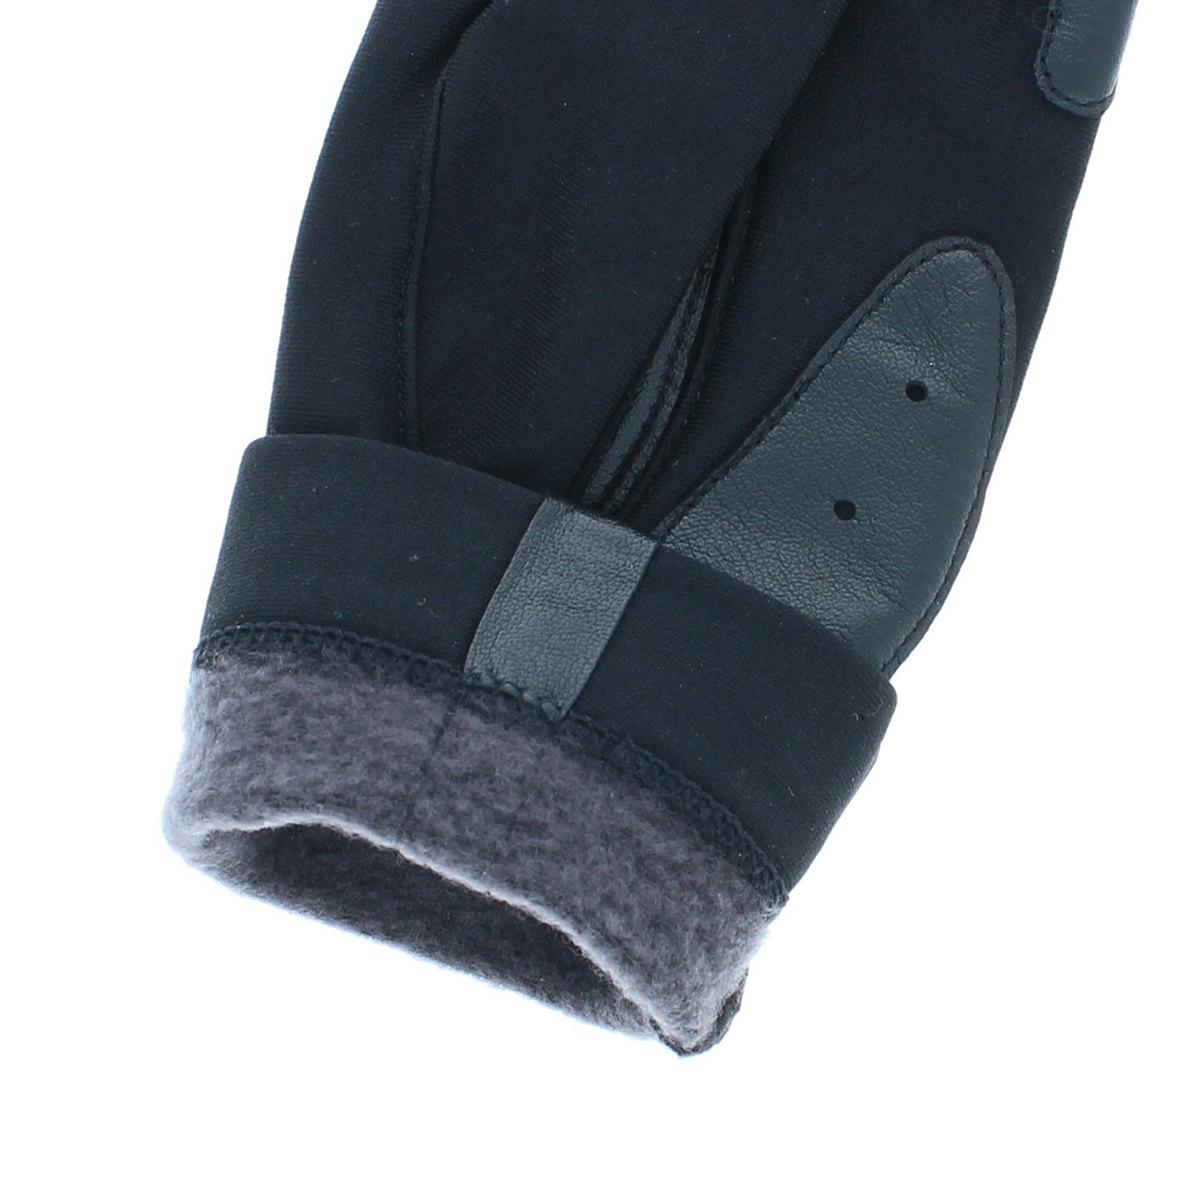 ジャージ 手袋 指切りスタイル すべり止め付 スポーティー ストレッチ素材 BIYUTE